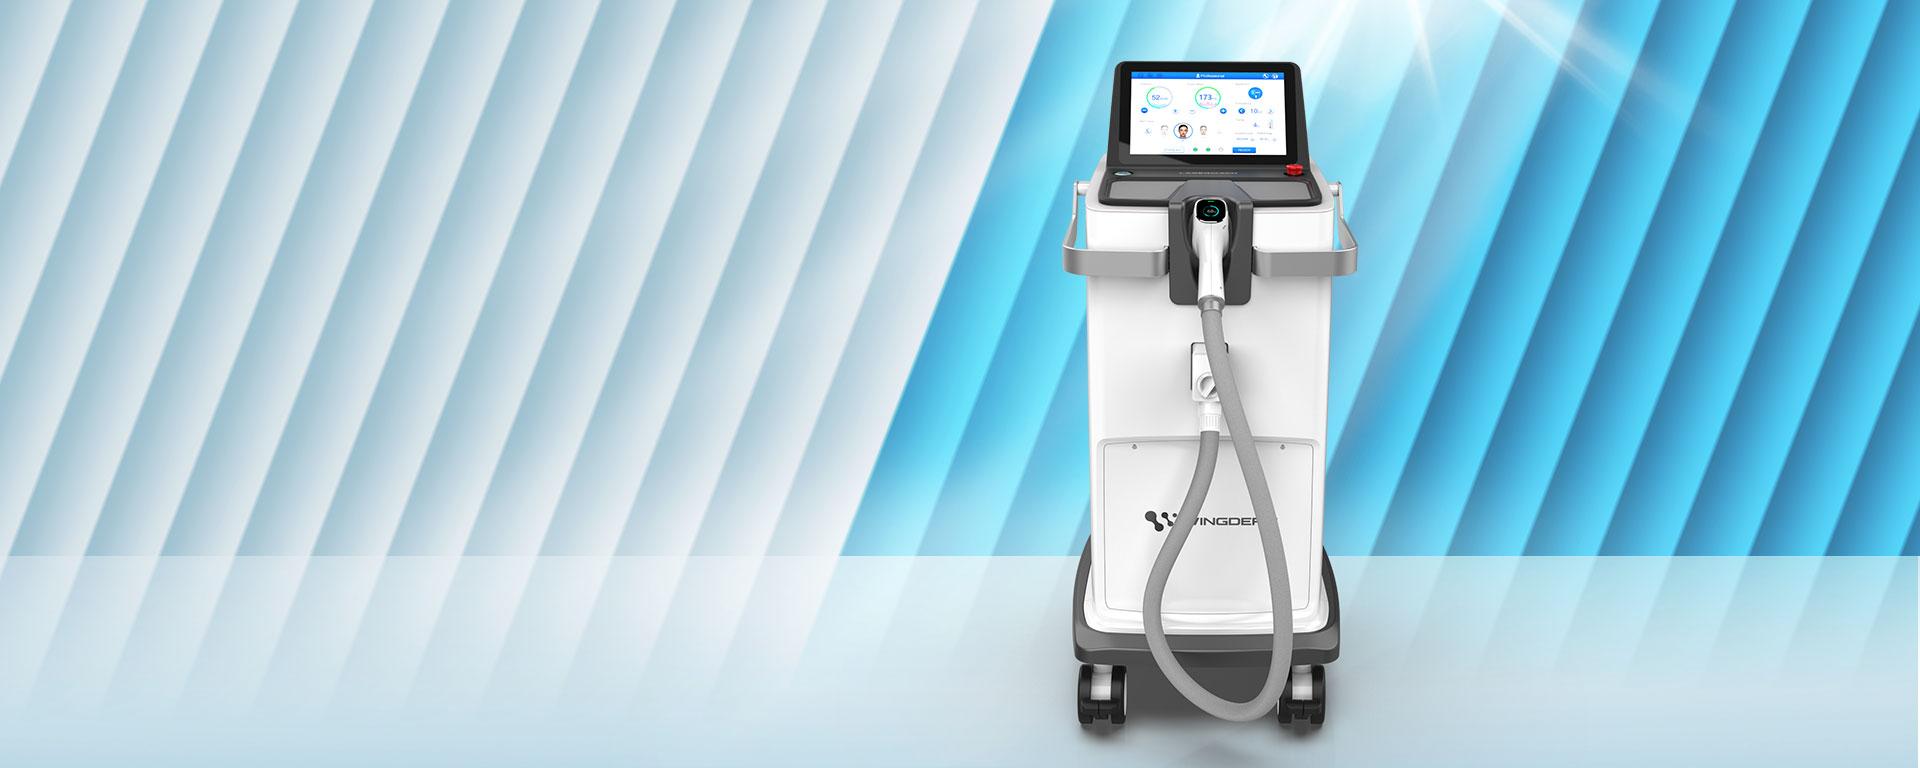 máy triệt lông lasermach pro 3 bước sóng chính hãng